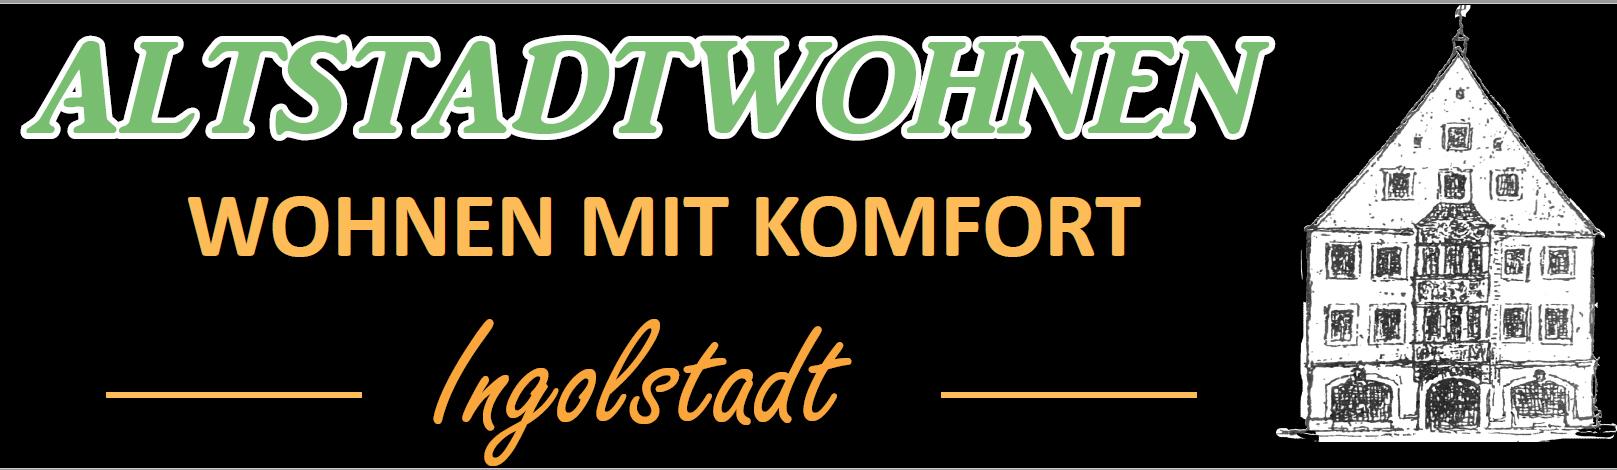 Altstadtwohnen Logo